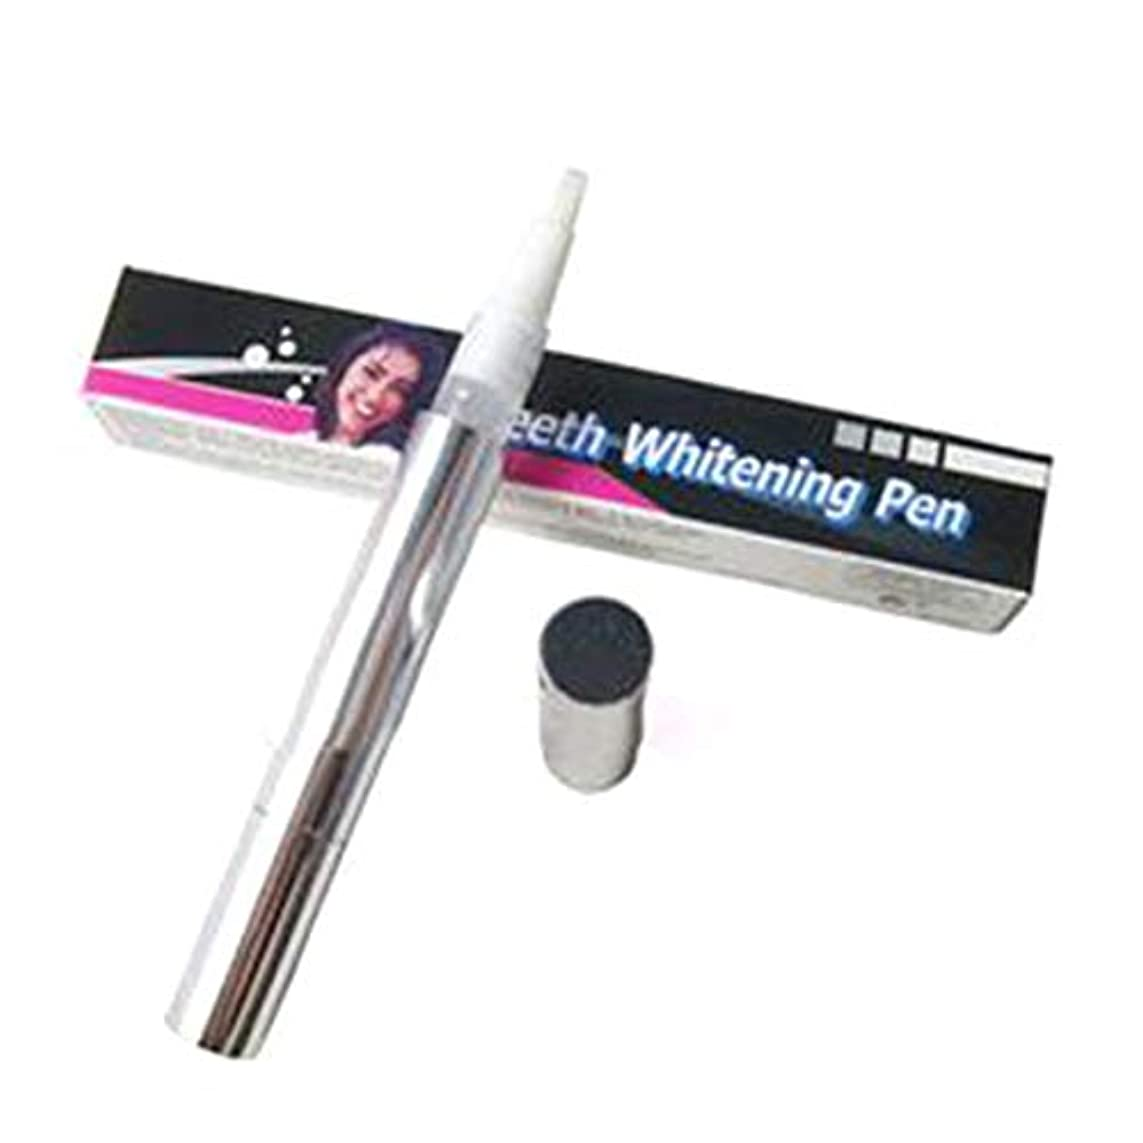 調子失ほとんどの場合ペンホワイトニングペン強力な汚れ消しゴム除去速い漂白歯ジェルホワイトナー歯科口腔衛生用品 - シルバー